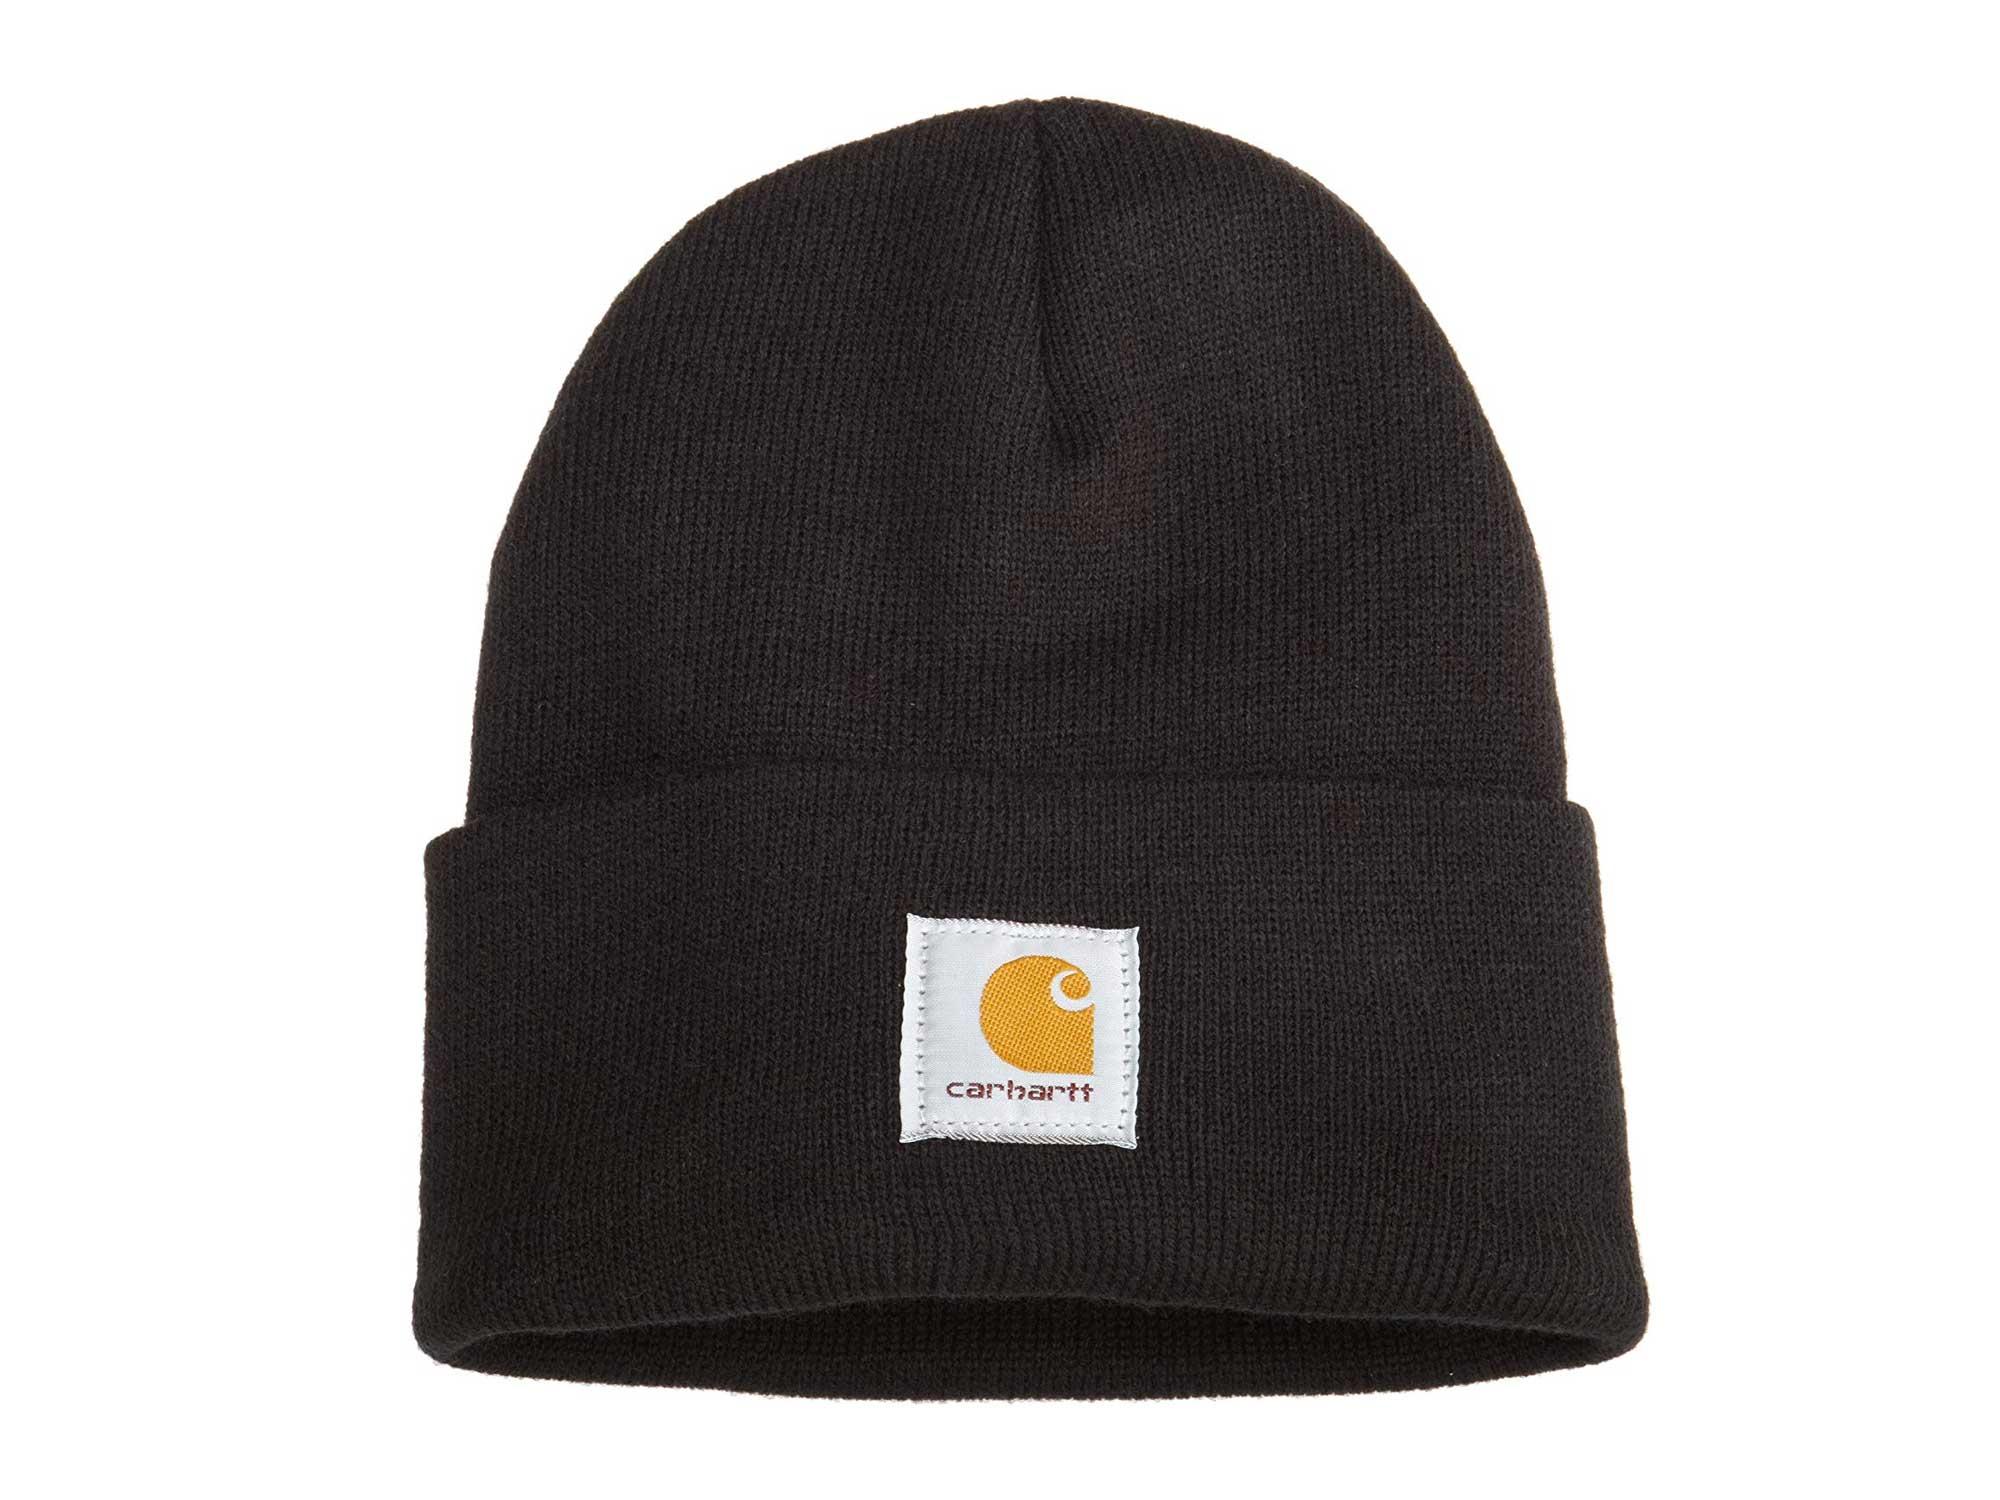 Black Carhartt beanie cap